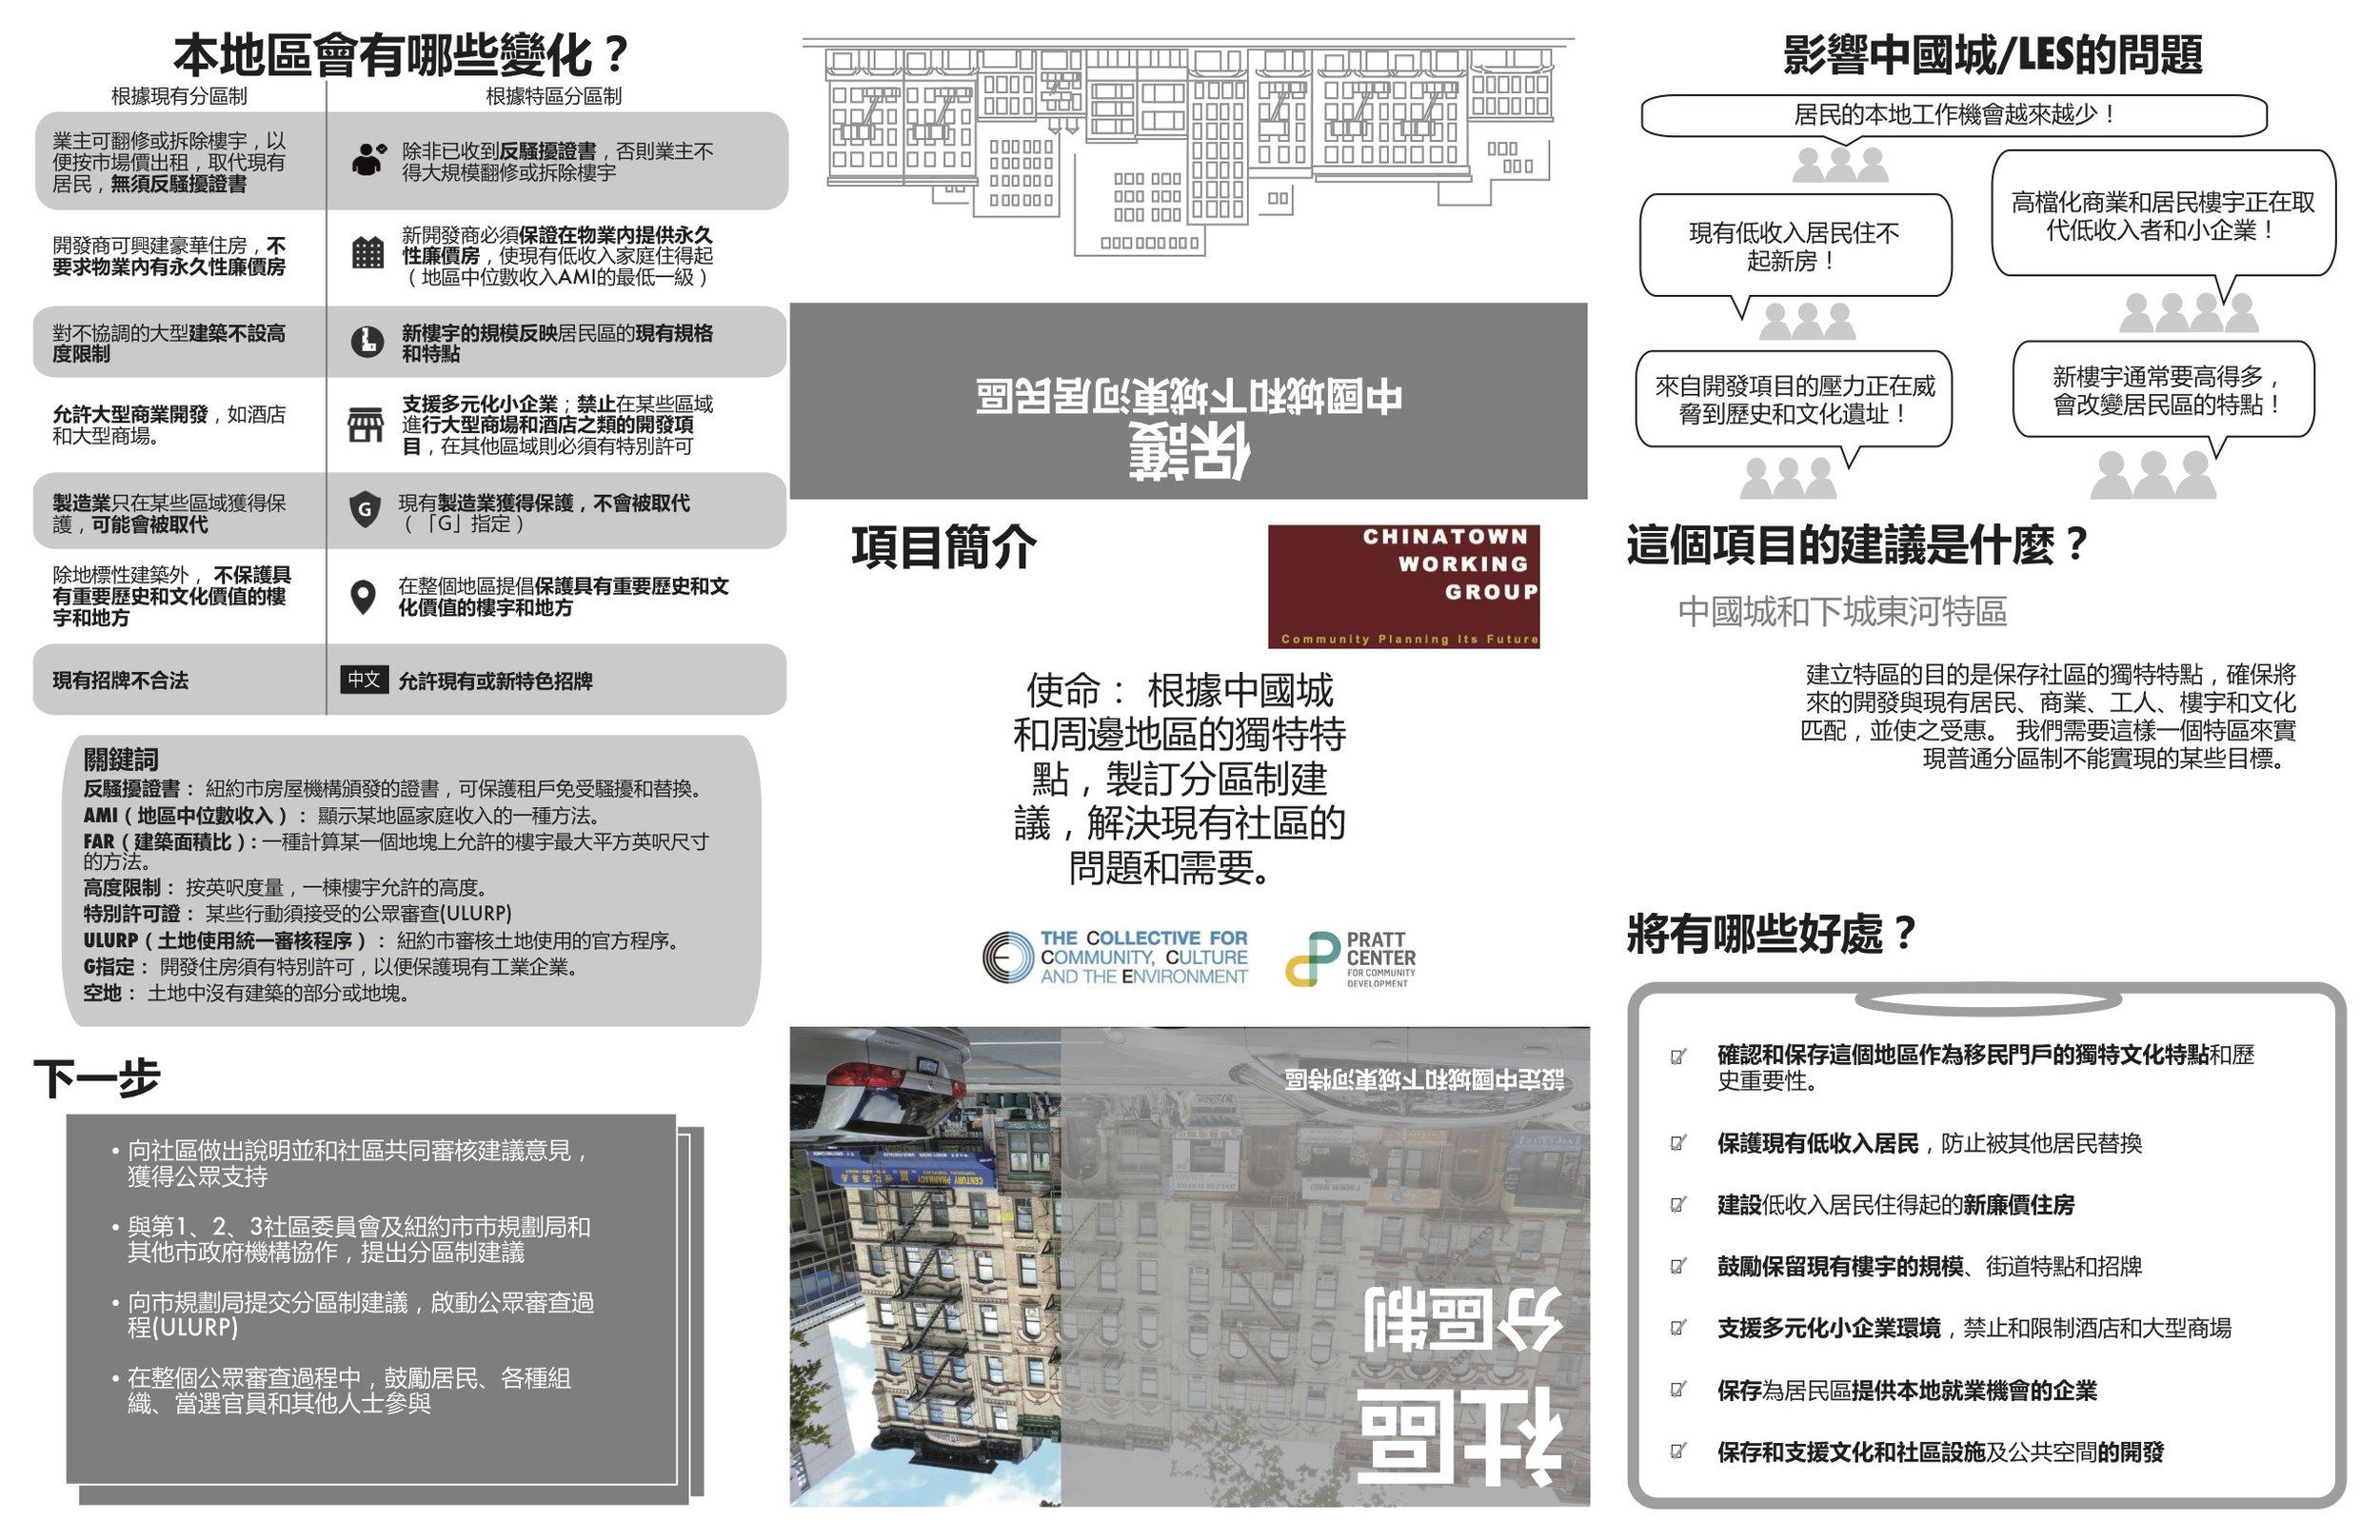 CWG Brochure Chinese Pg 2.jpg